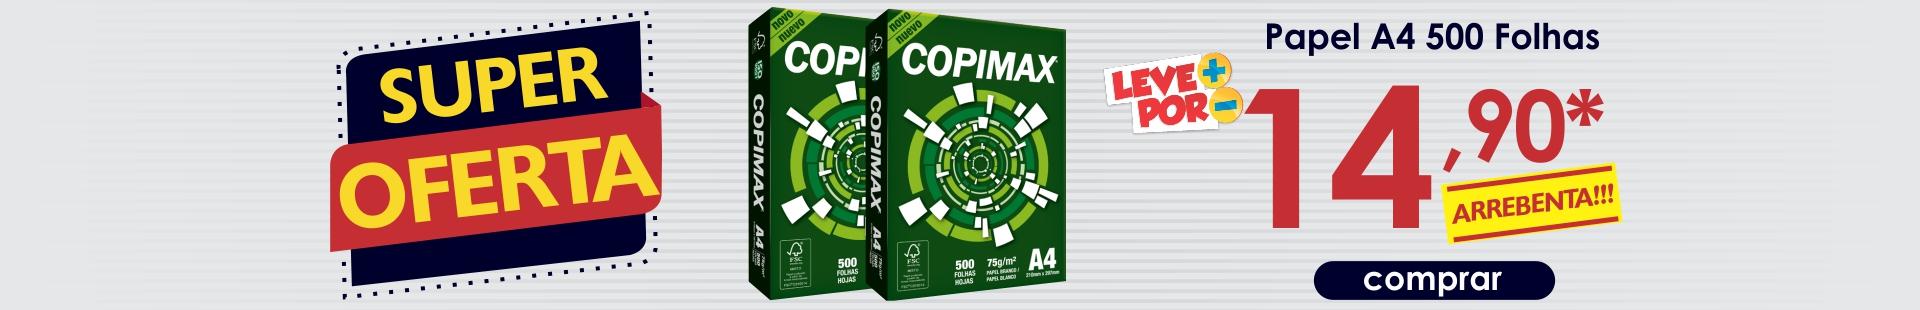 PAPEL COPIMAX